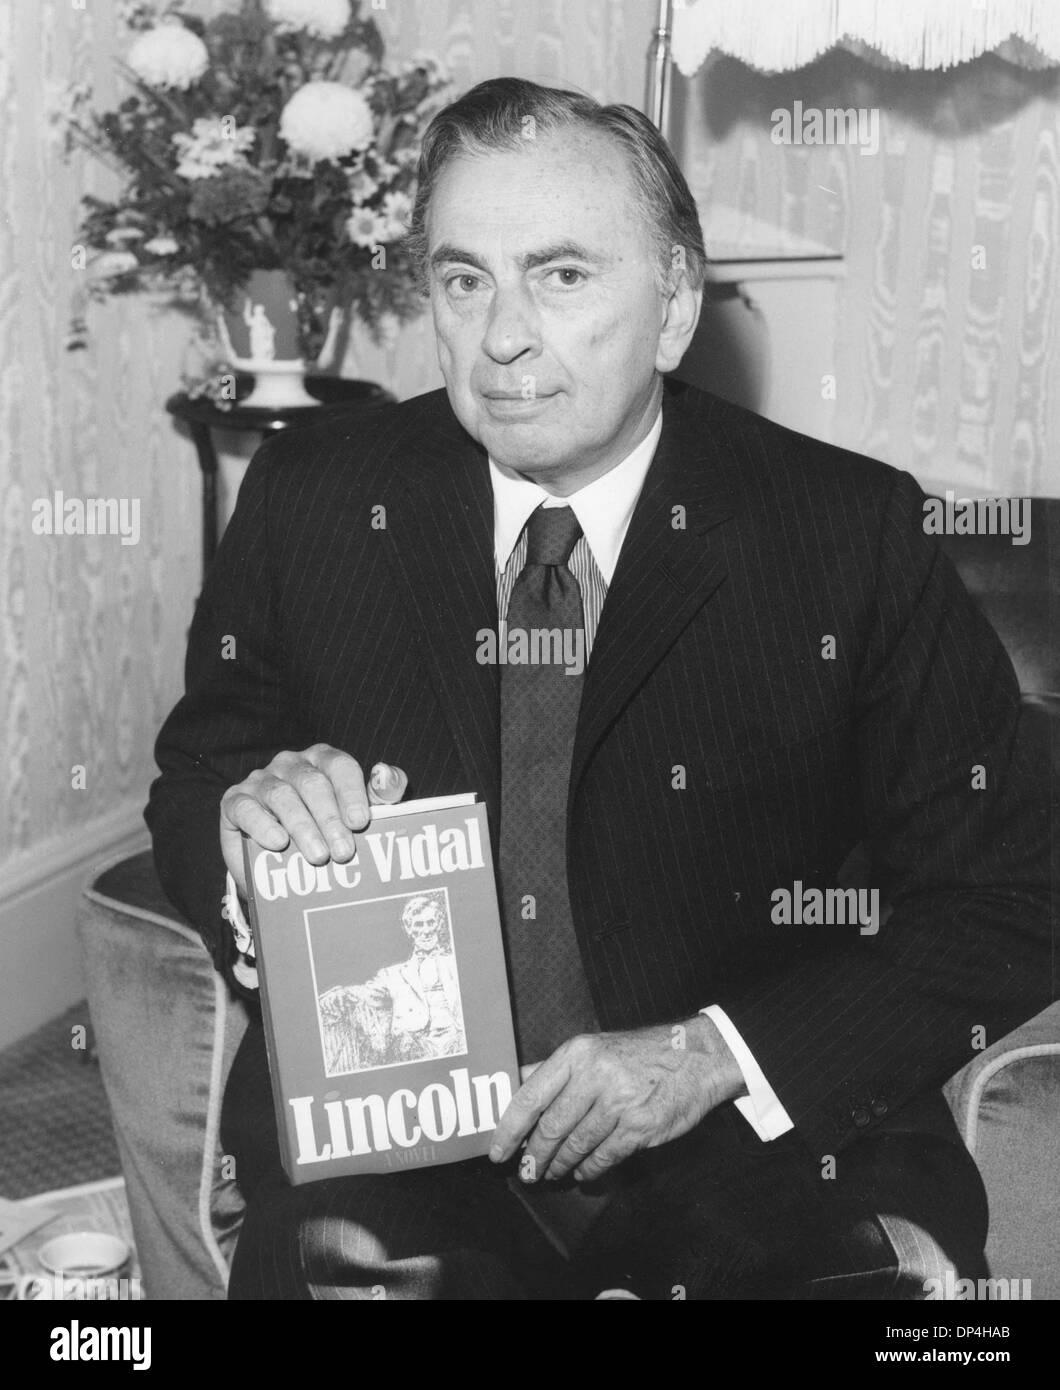 Gore Vidal Book Stockfotos und -bilder Kaufen - Alamy